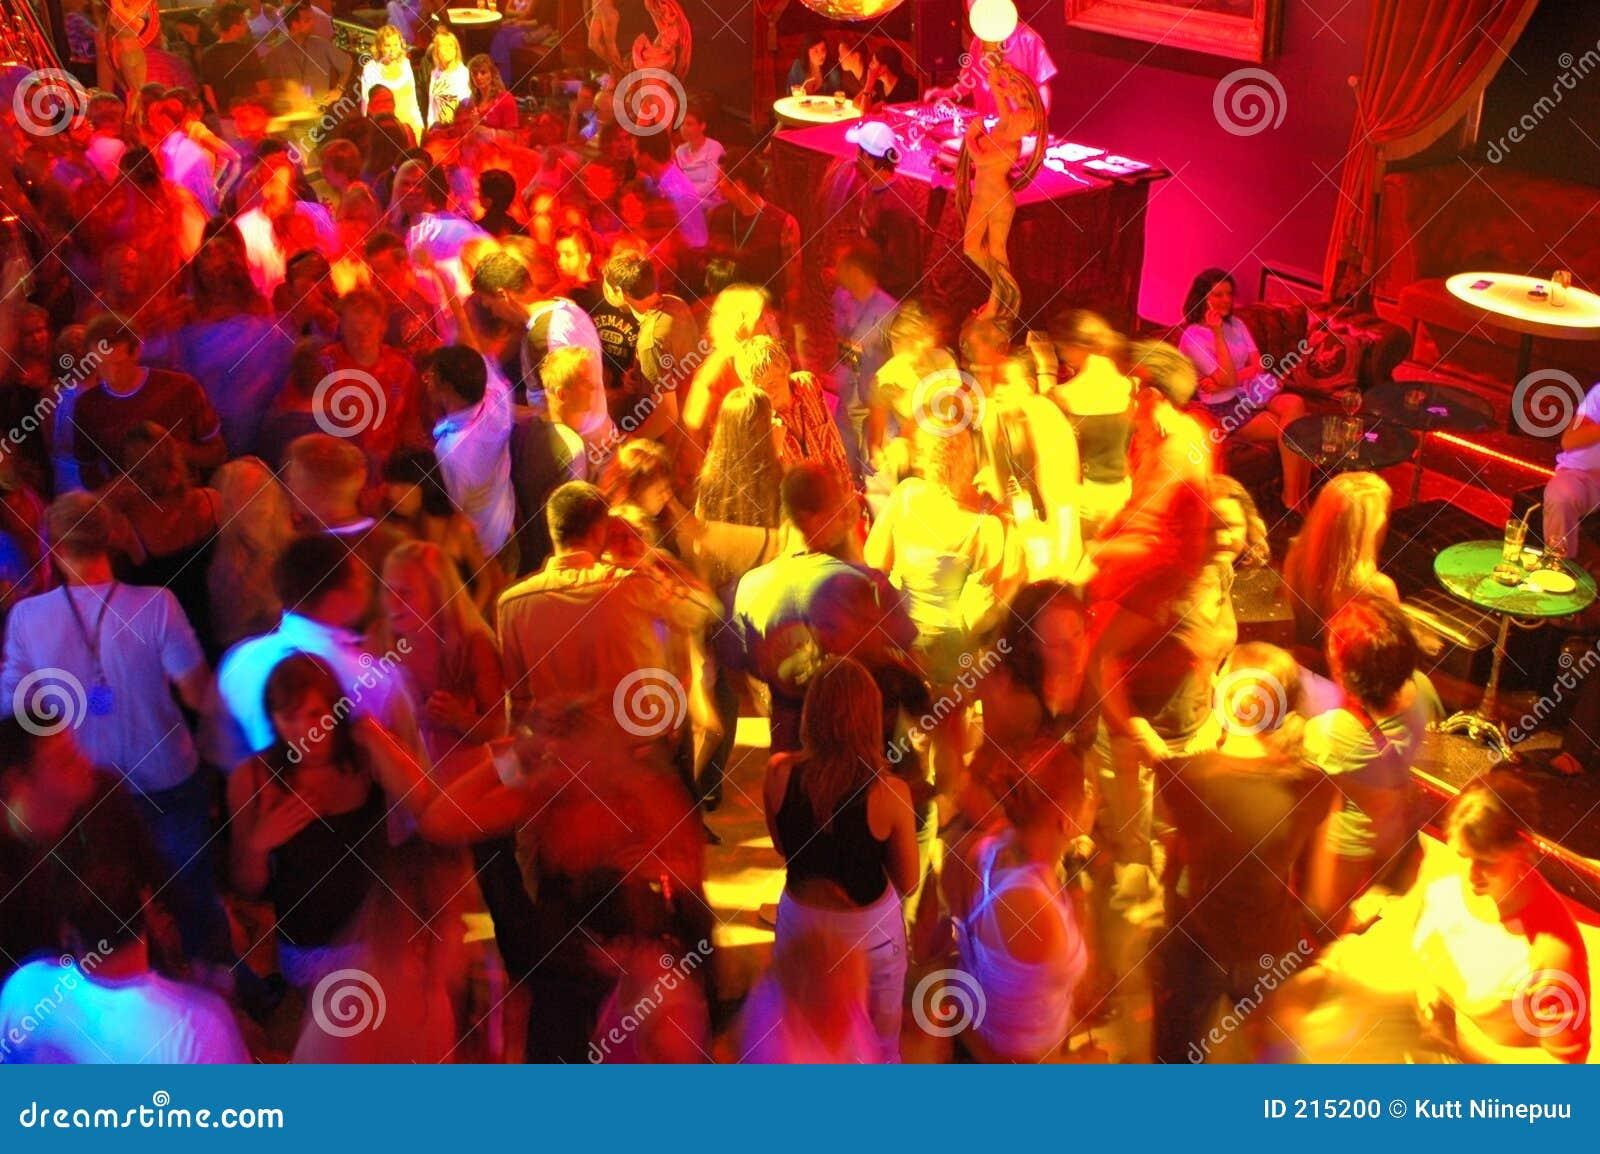 Dance hall 2